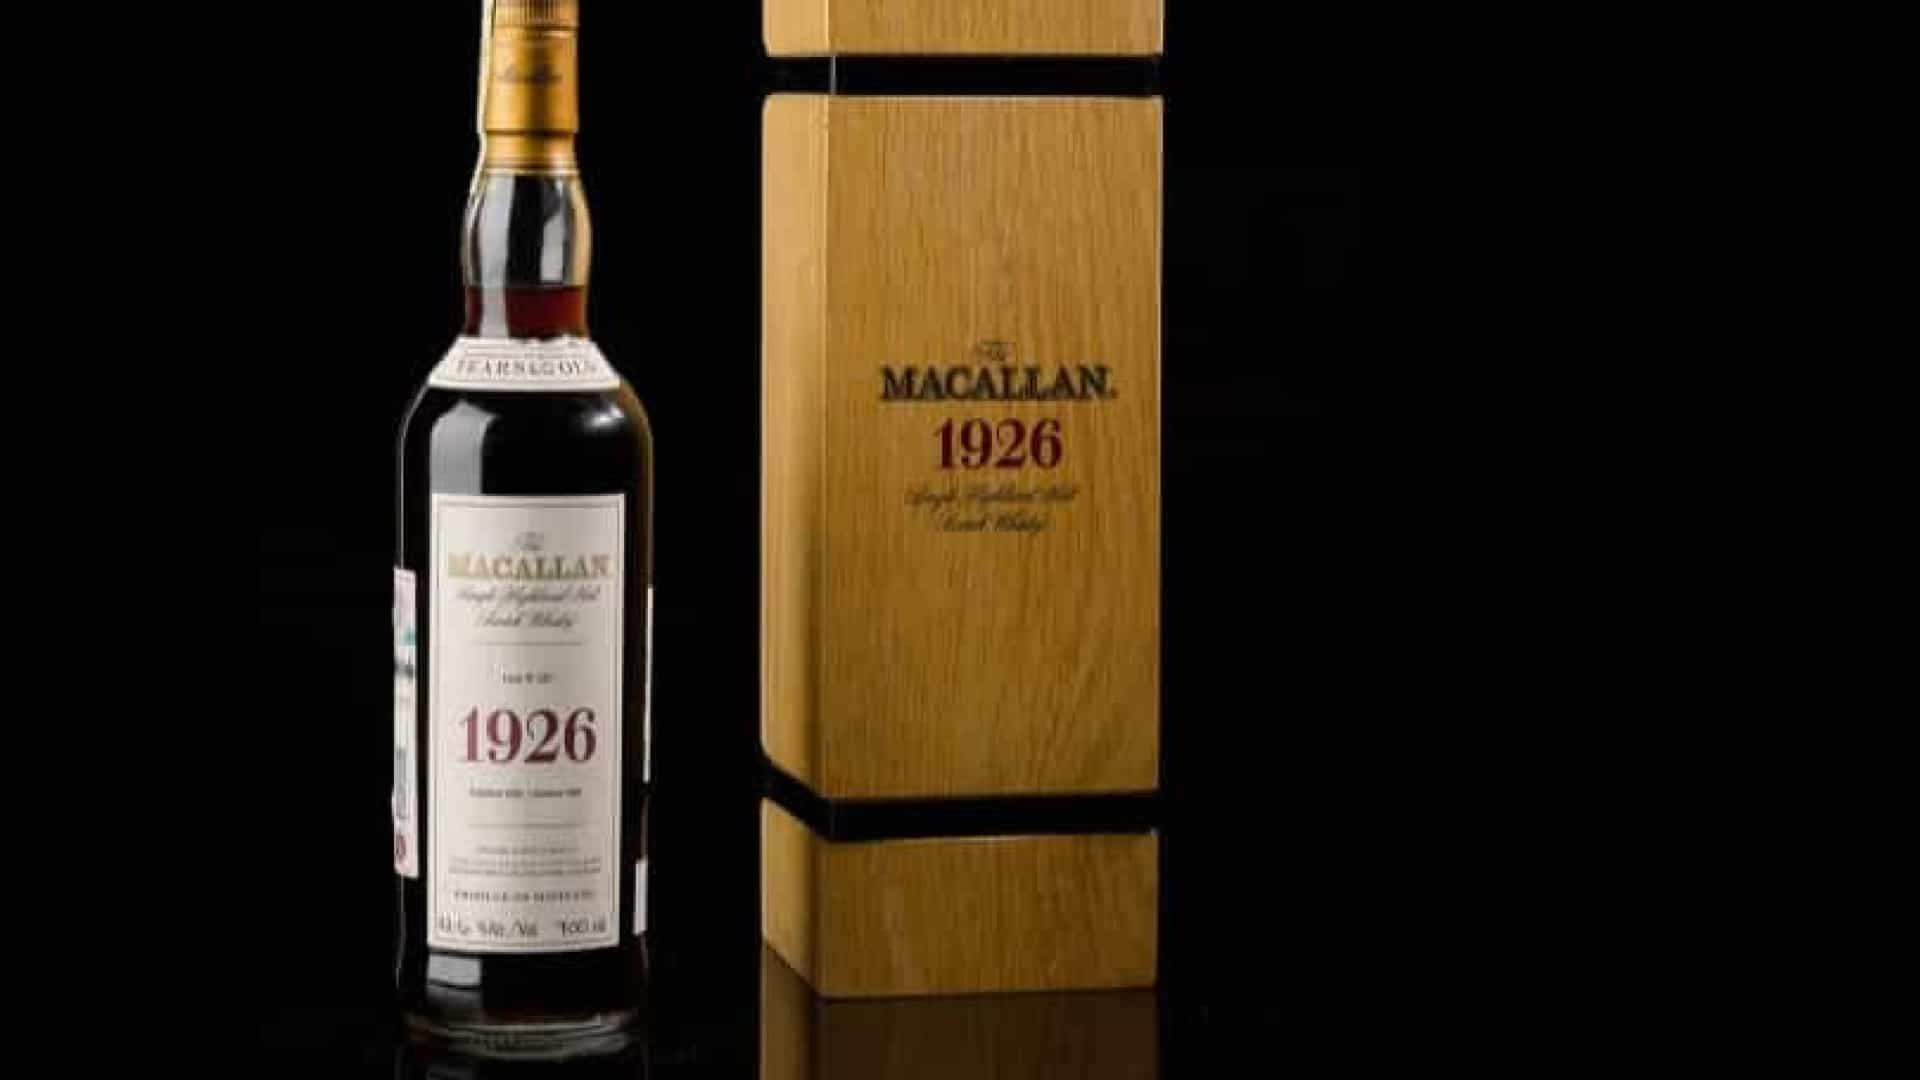 garrafa de whisky da macallan de 1926 foi vendida por 1,7 milhões de euros - garrafa de whisky da Macallan de 1926 - Garrafa de whisky da Macallan de 1926 foi vendida por 1,7 milhões de euros